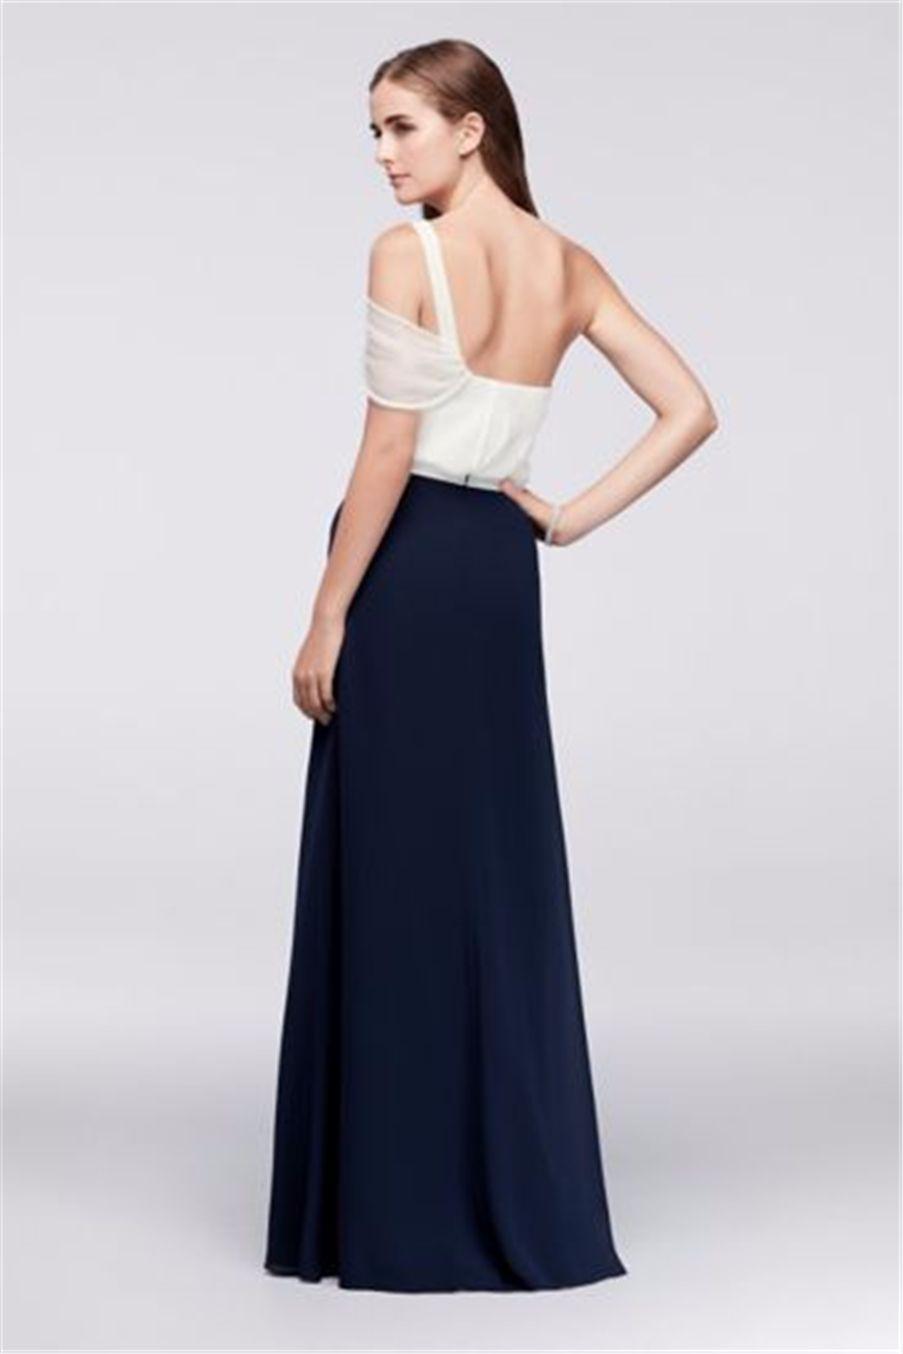 2019 НОВЫЙ! Драпированное шифоновое платье на одно плечо с бисером JP291731 Свадебное платье Вечернее платье Вечерние платья